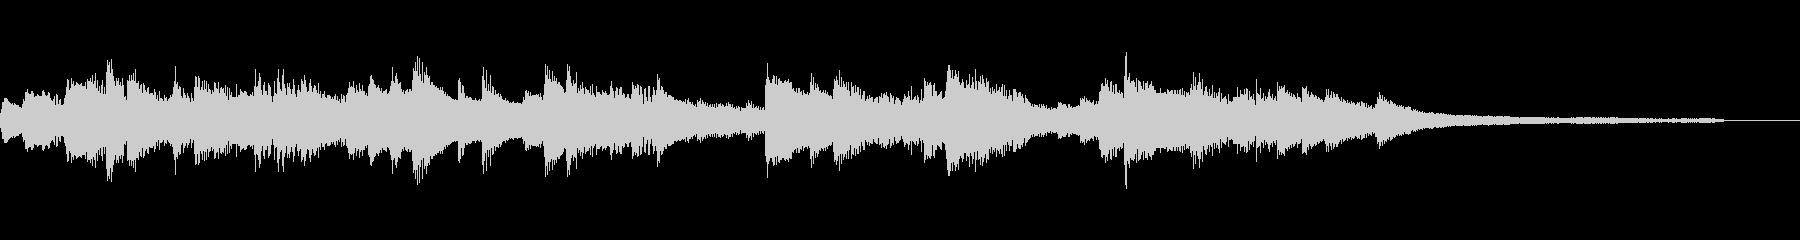 穏やかな15秒のジングル34-ピアノの未再生の波形